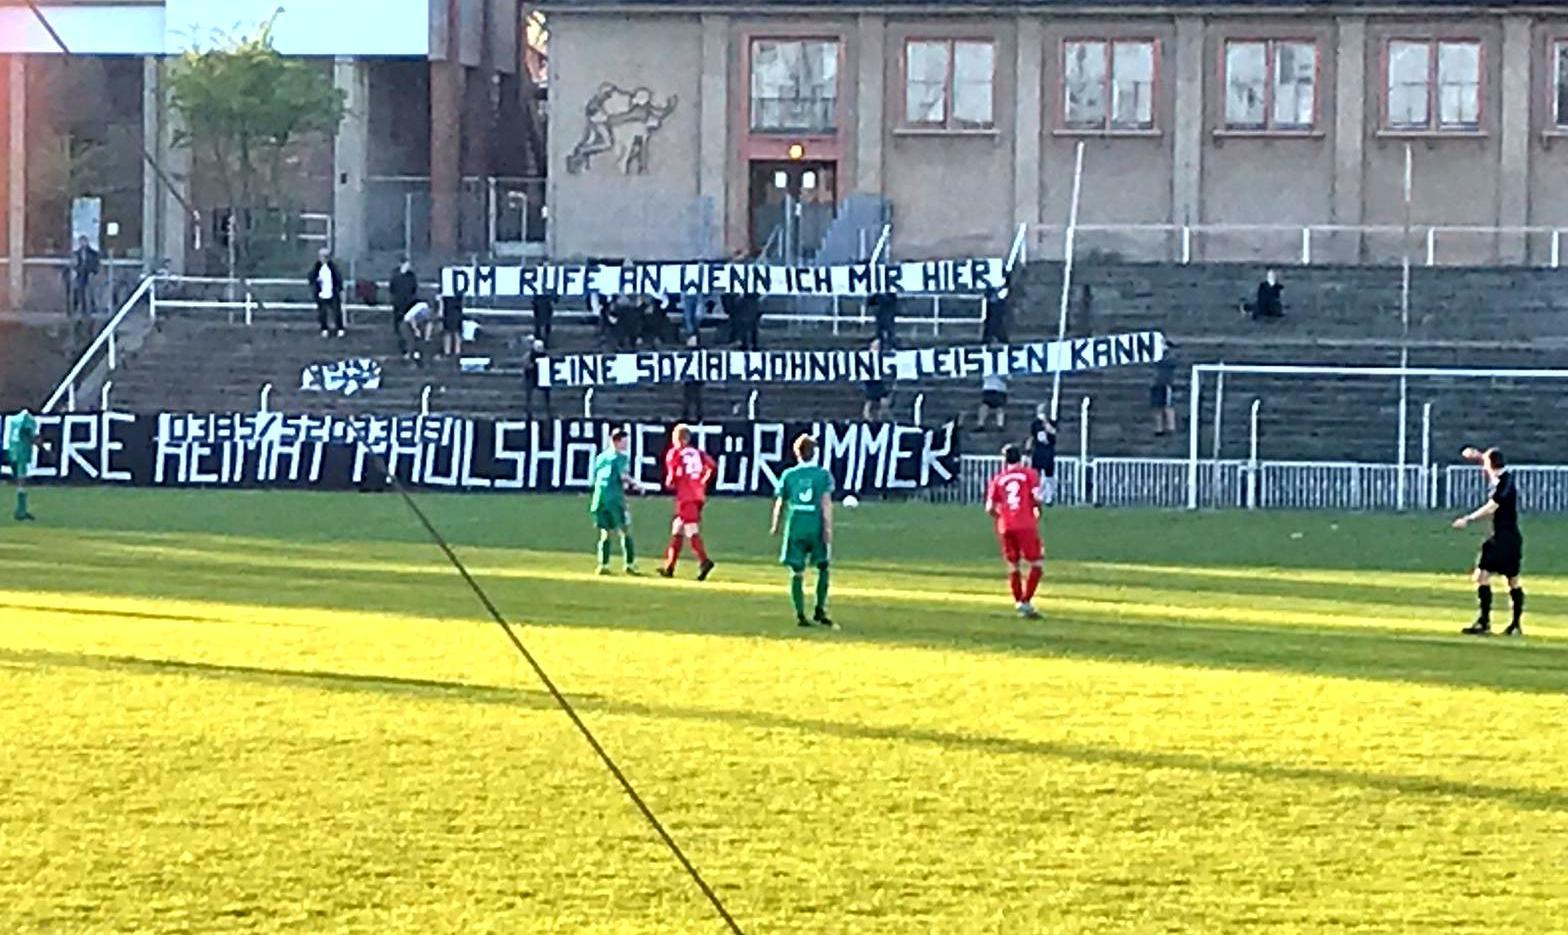 Nachricht von der Paulshöhe an den SPD Fraktionschef.